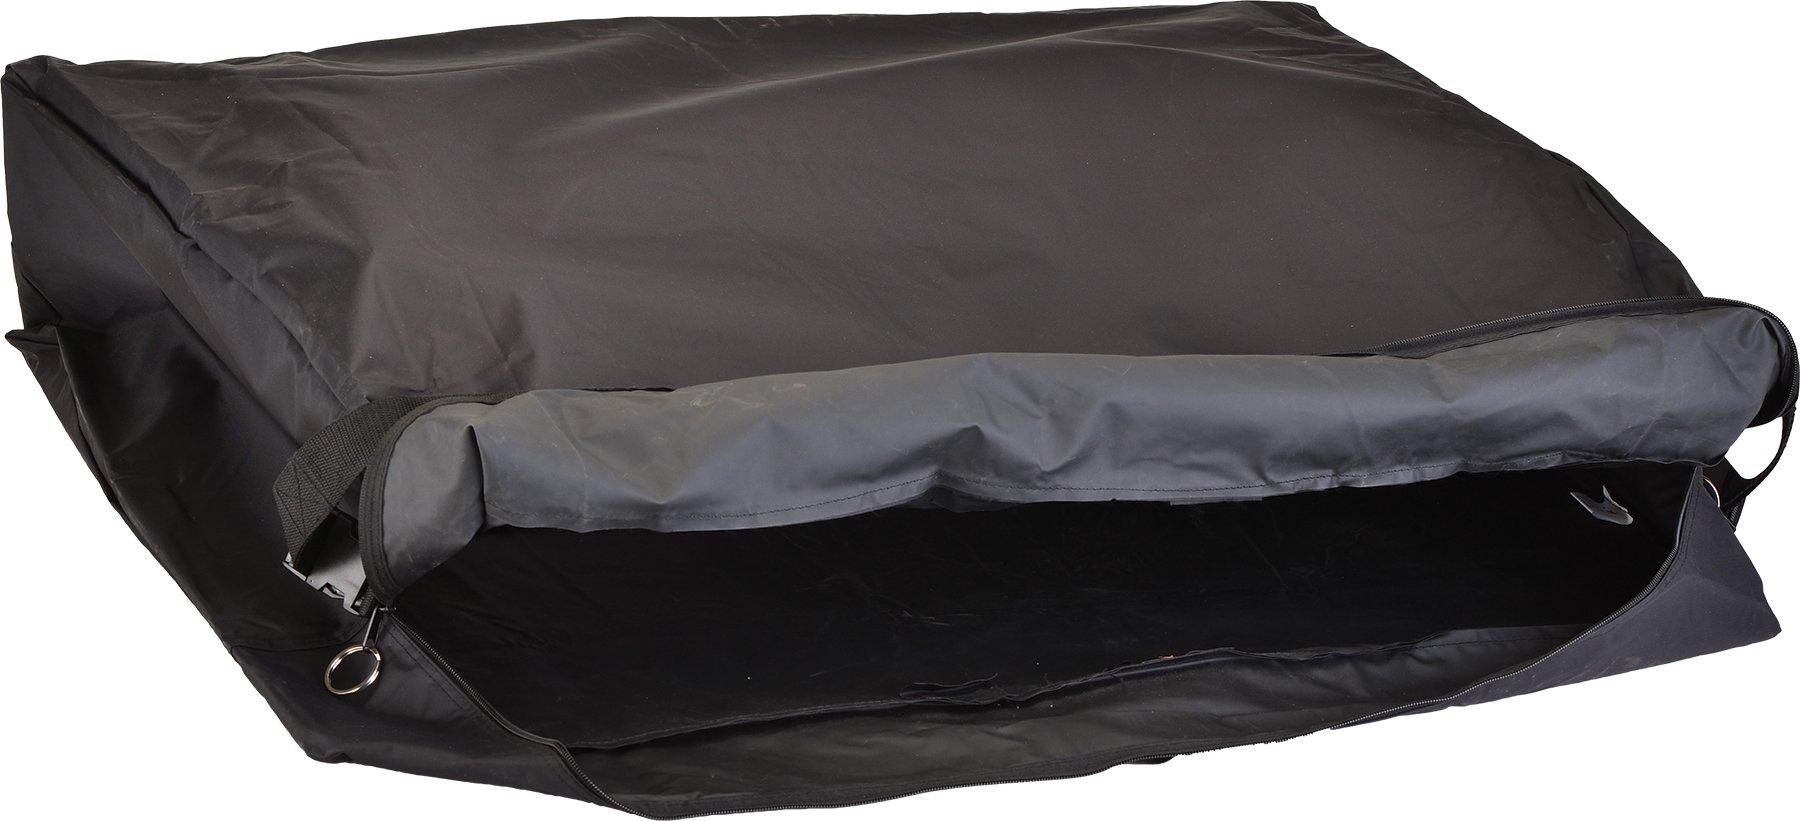 NOVA Travel Bag for Rollator Walker & Transport Chairs